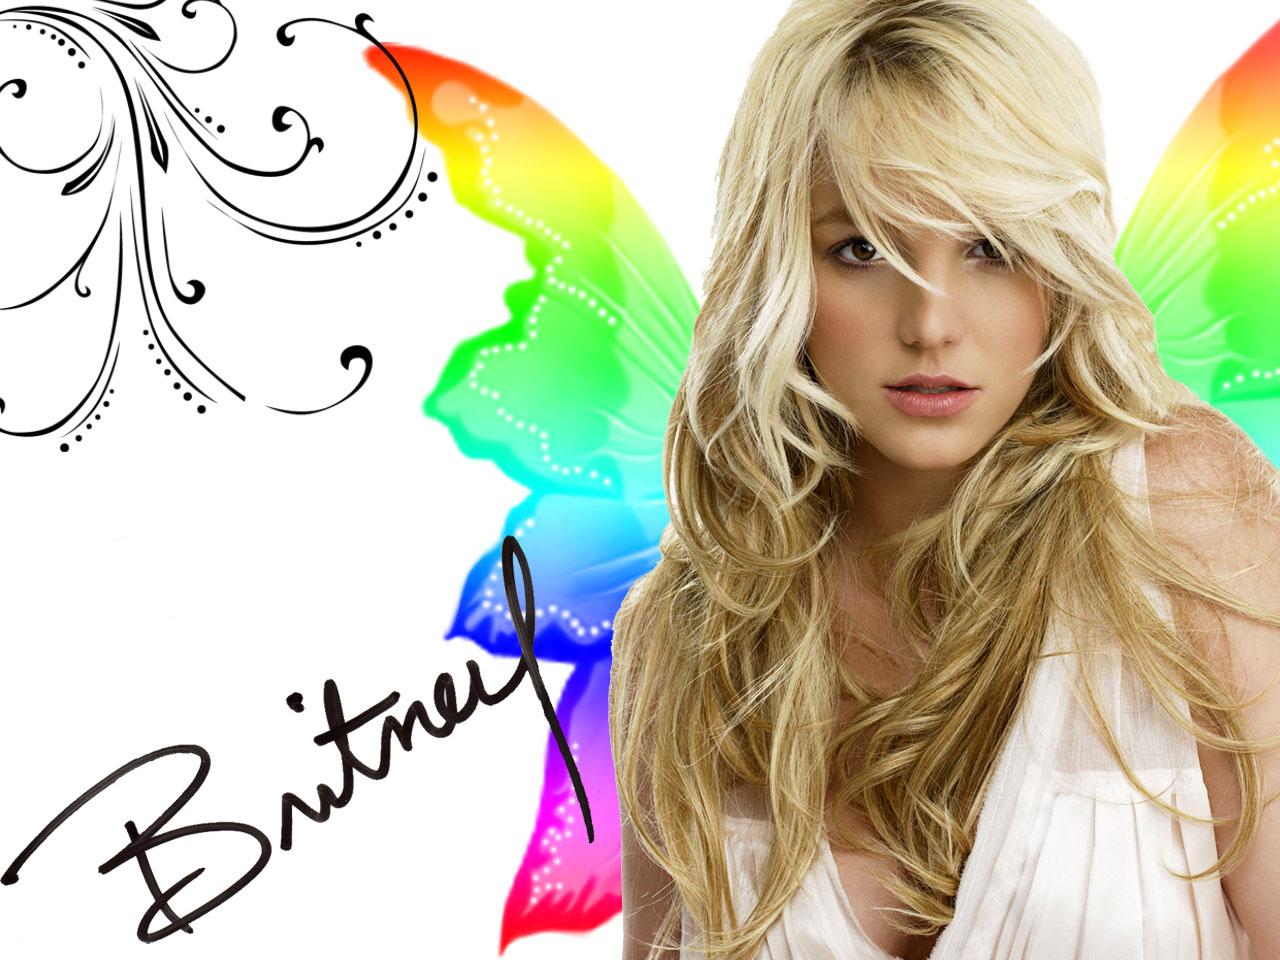 http://2.bp.blogspot.com/-6EULeKzRtYs/TwgDRdCZHxI/AAAAAAAAAnM/iMcFFlal3C0/s1600/Britney%2BSpears%2BWallpapers%2BHD.jpg